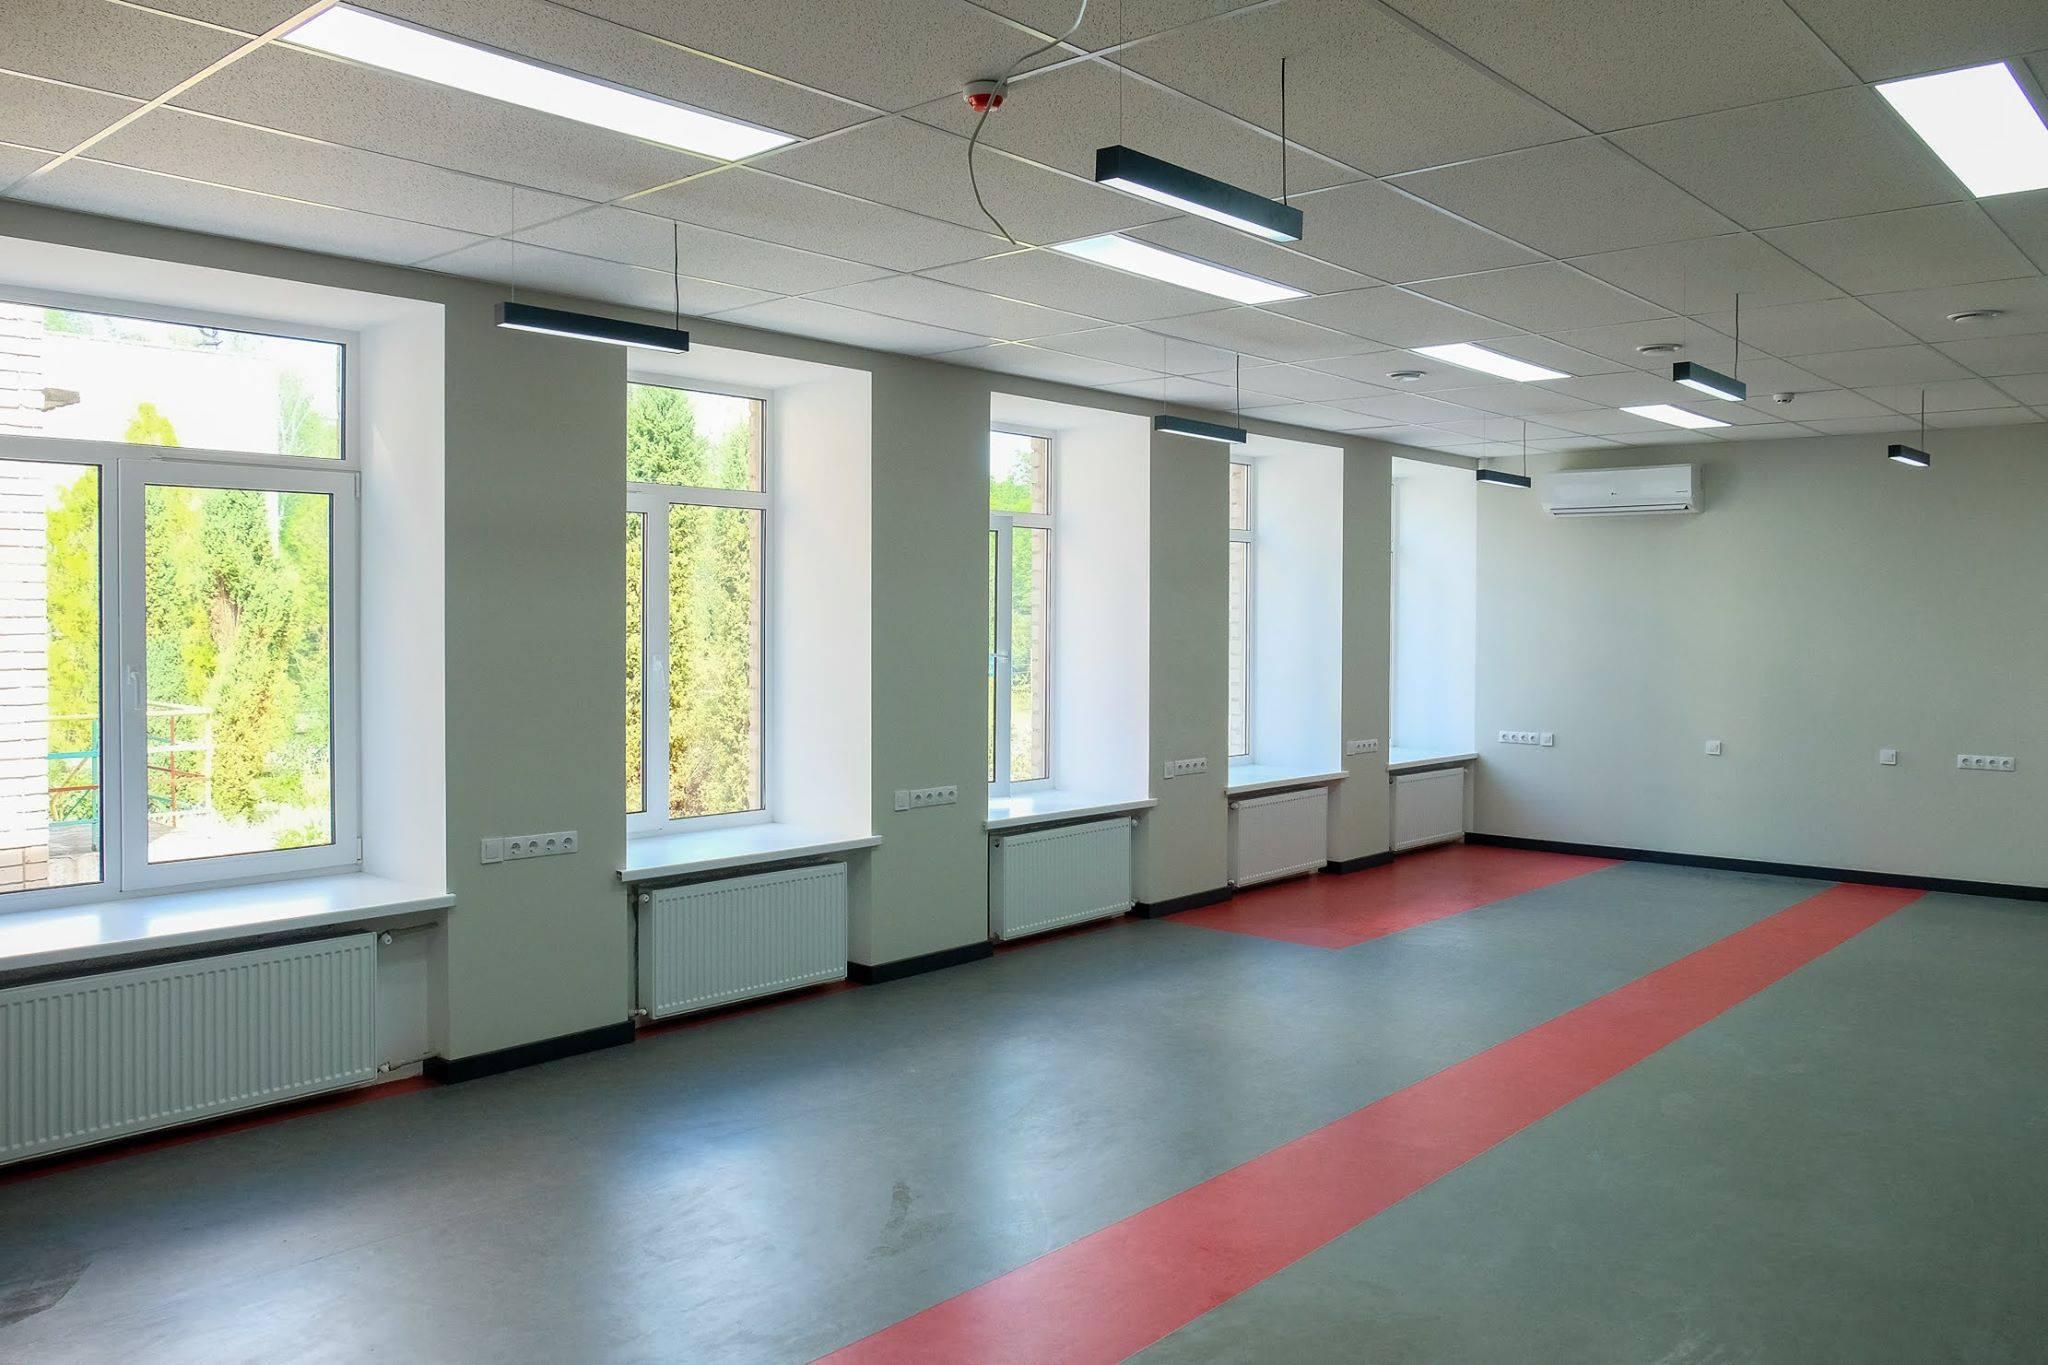 Светлое и просторное помещение школы